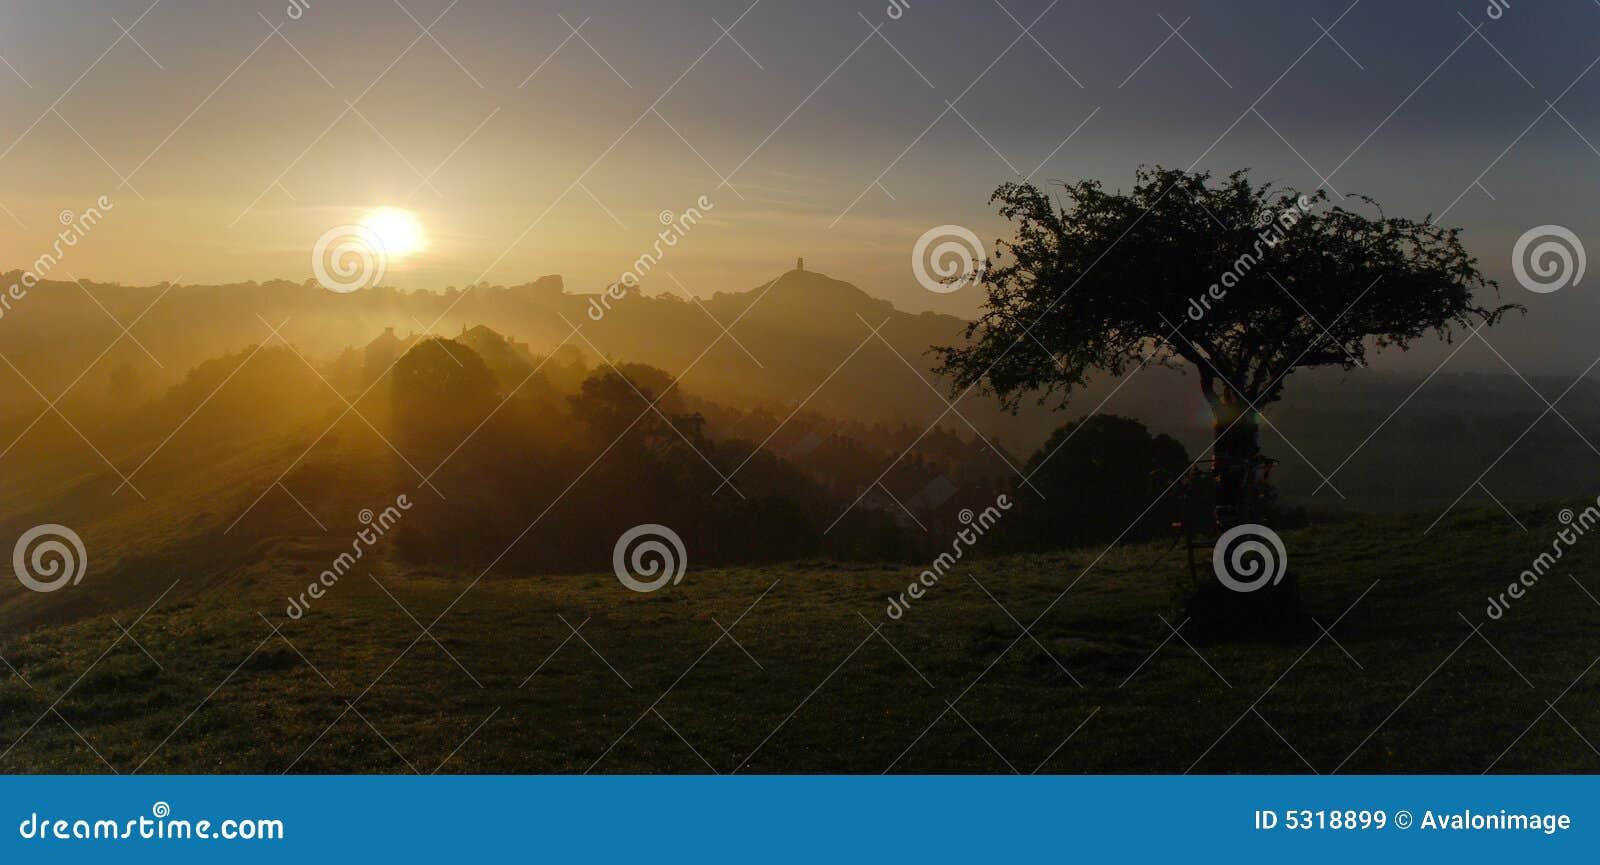 Avalon morning sunrise